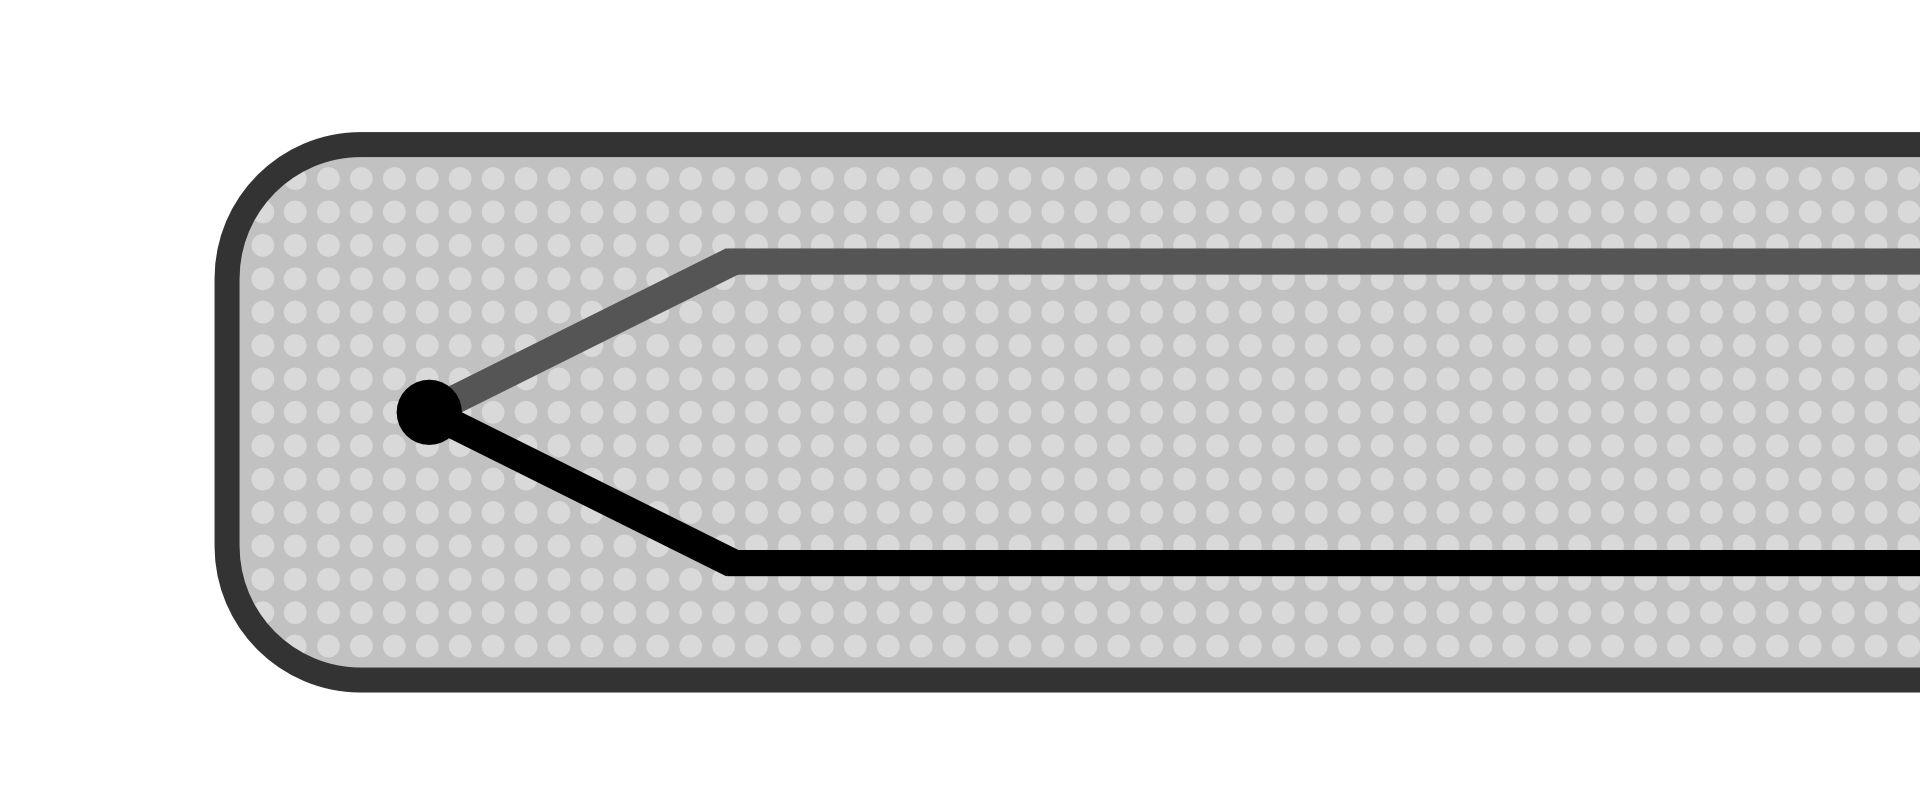 Mantelthermoelement mit isolierter (ungeerdeter) Messstelle und Magnesiumoxid-Isolierung